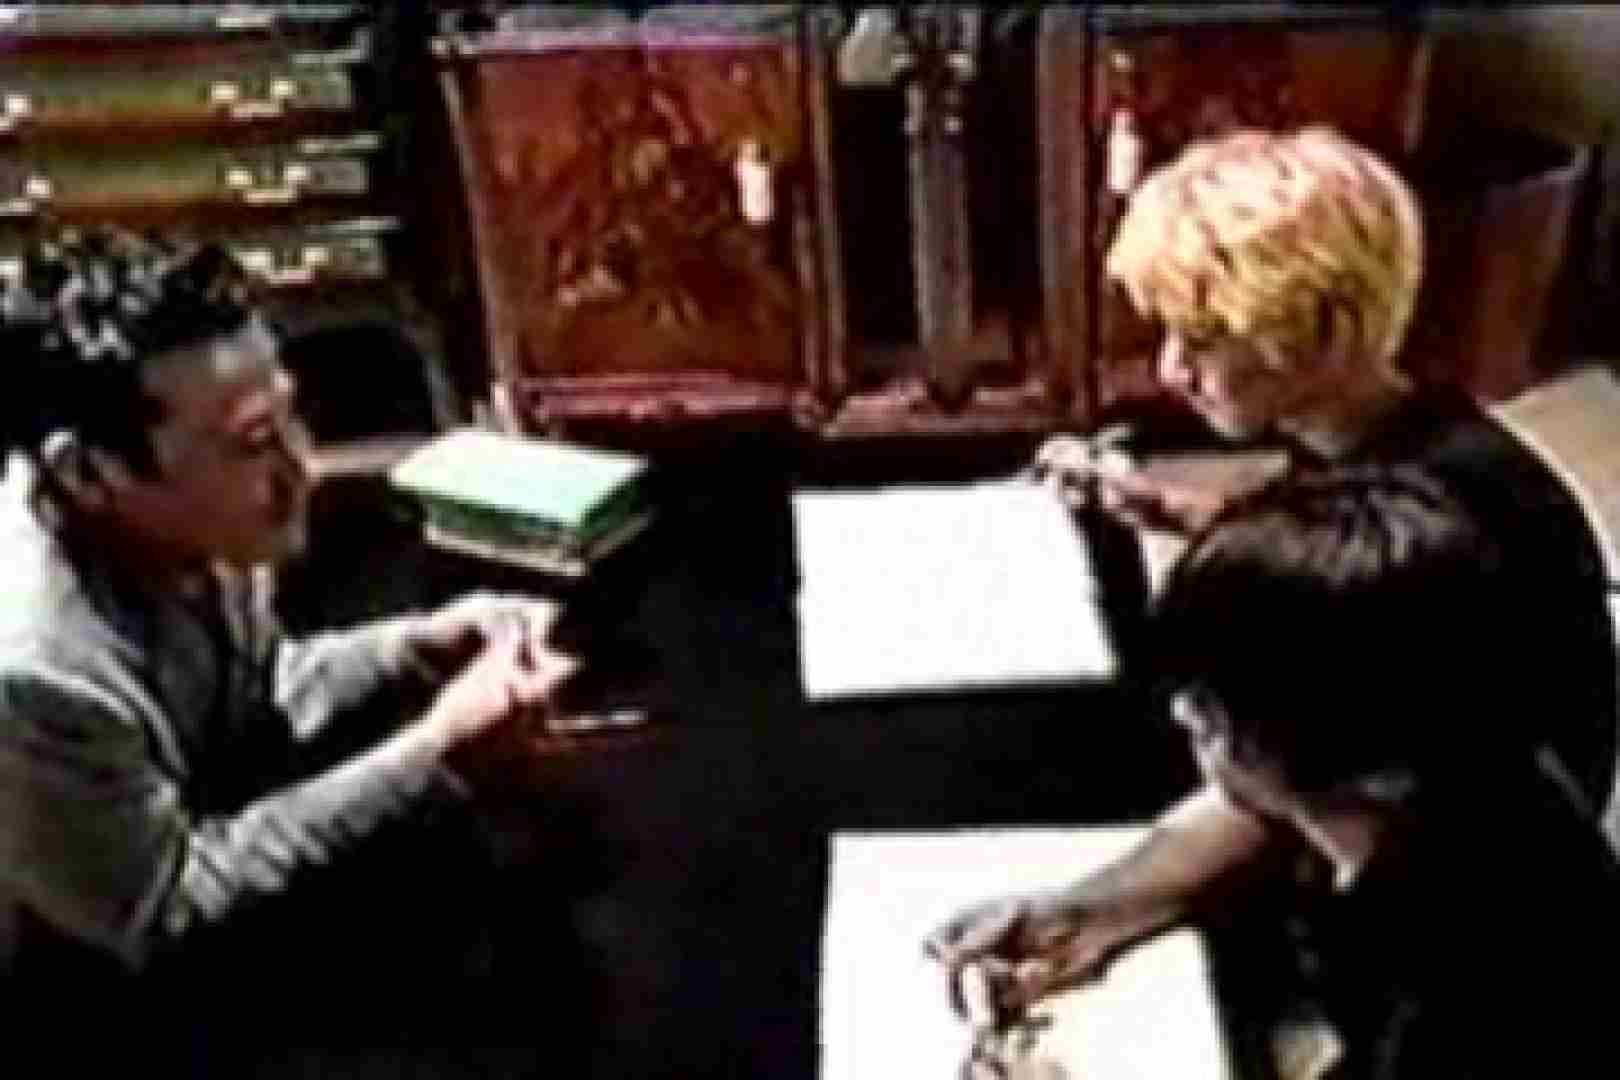 発掘!!10年前のVHSお宝ゲイ動画!! モデル アダルトビデオ画像キャプチャ 61枚 42